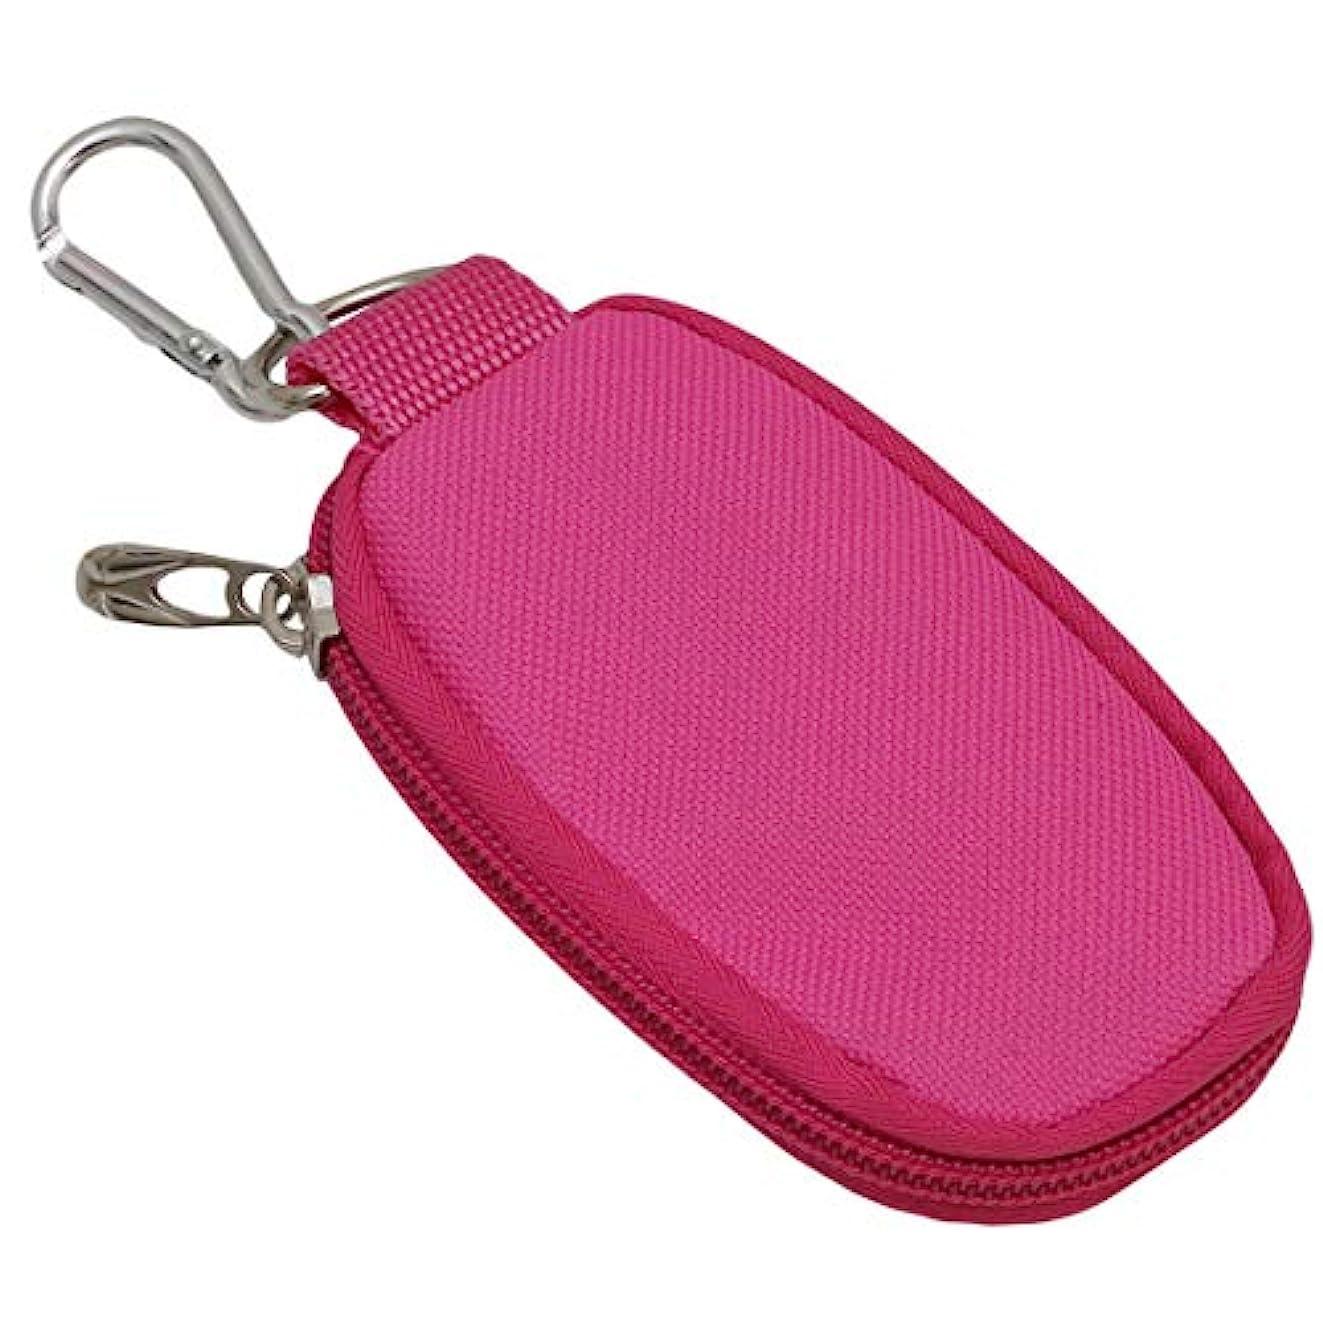 みがきますミル風邪をひくOnior プレミアム ミニ携帯用化粧バッグ 香水収納バッグ エッセンシャルオイル マニキュア 保管袋 アロマオイル ポーチ 便利